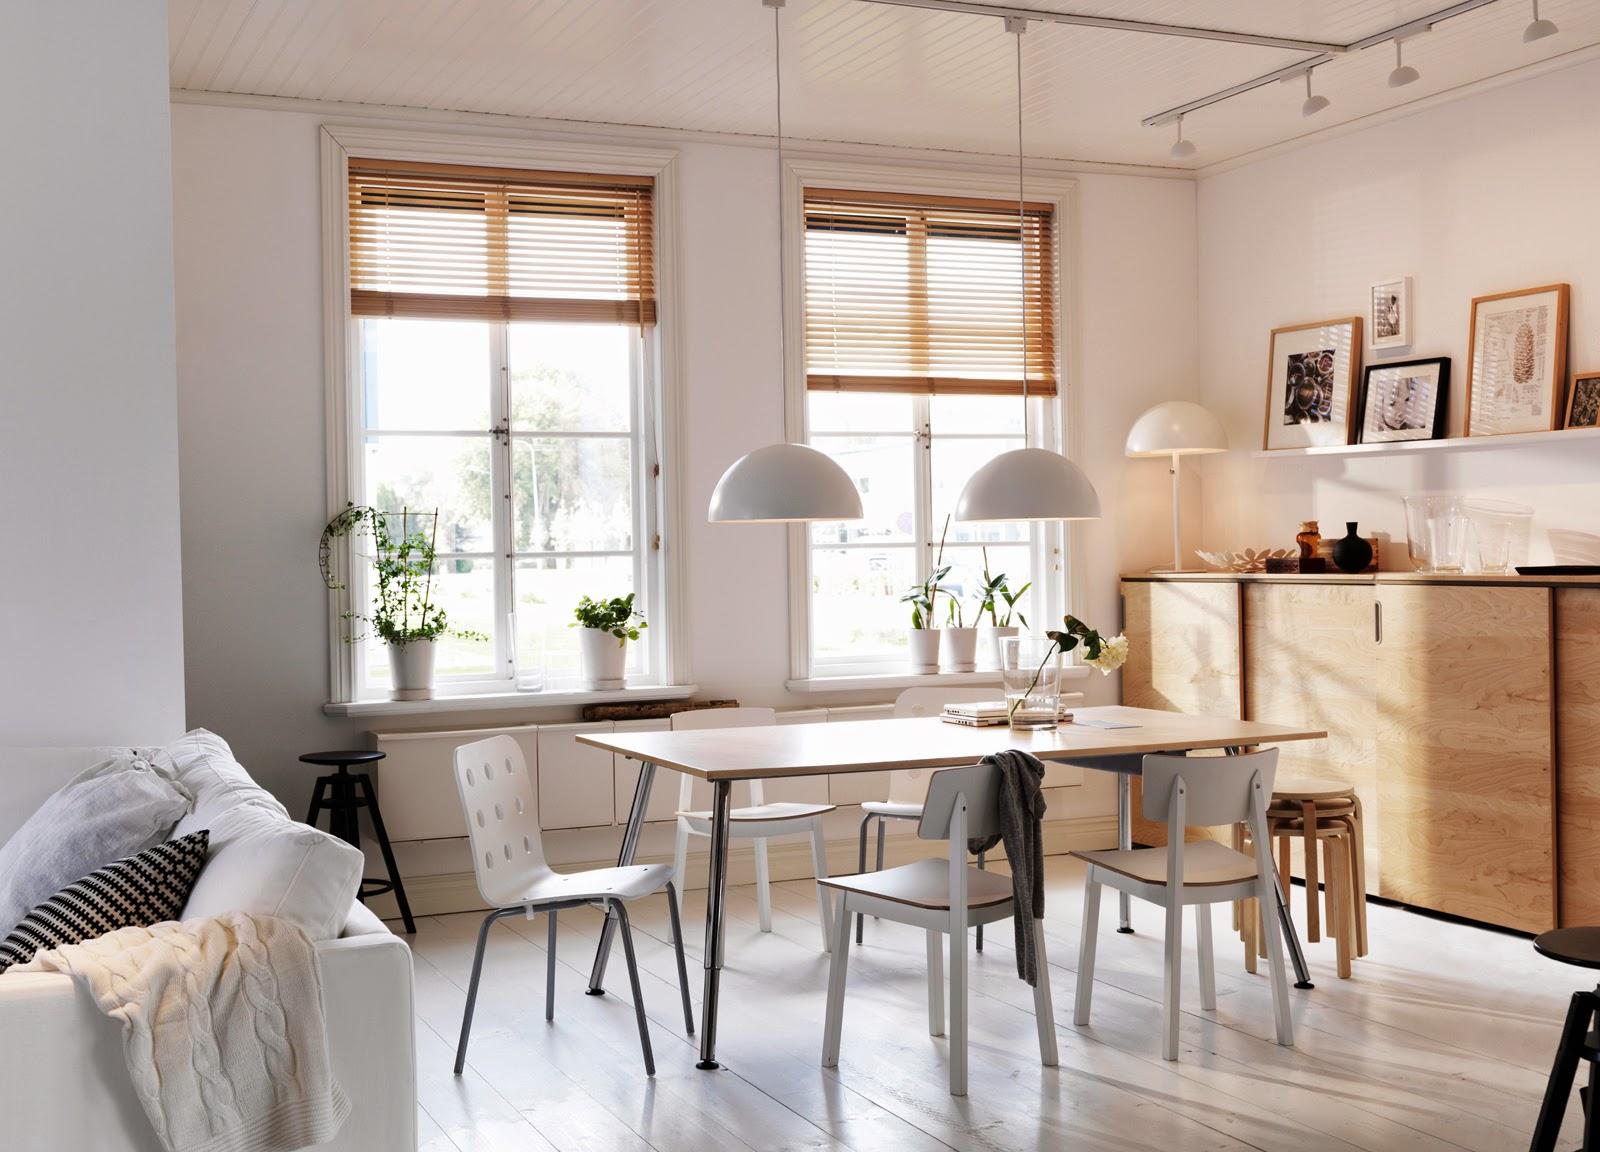 Amedeo liberatoscioli consigli utili rinnovare la casa for Rinnovare la casa